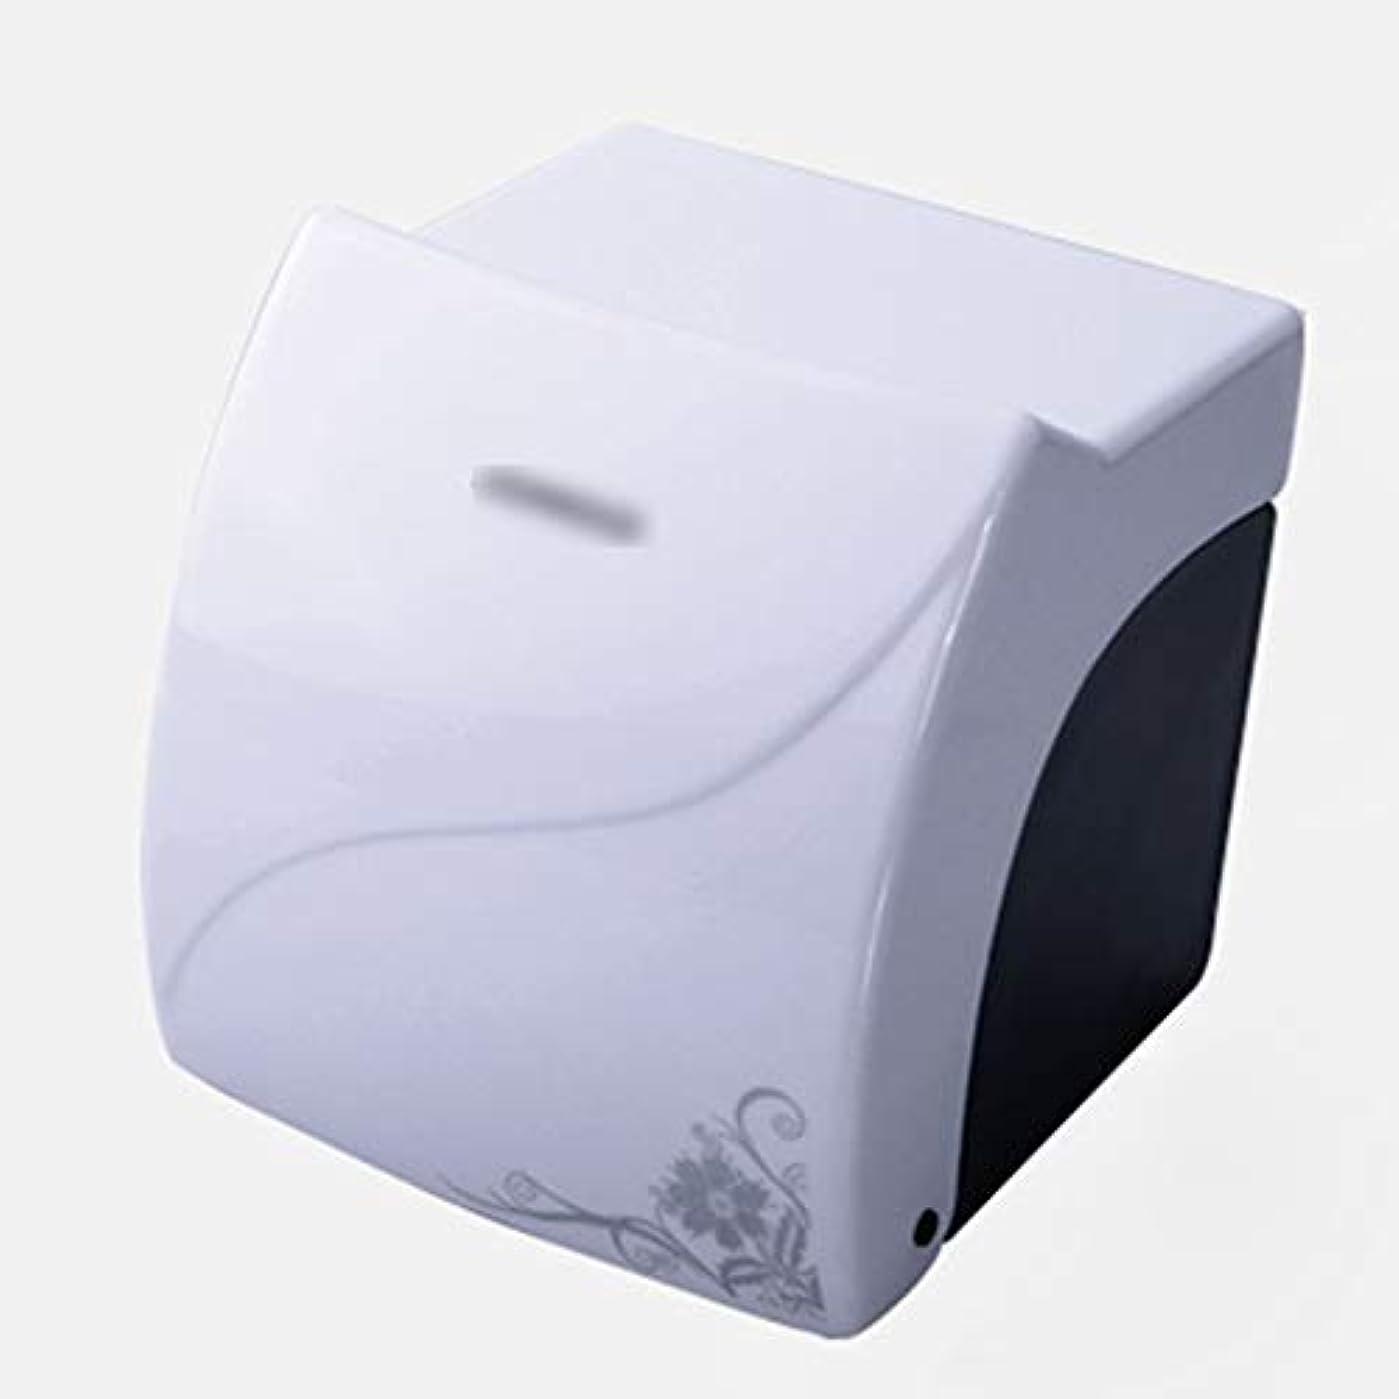 主一致姿勢ZZLX 紙タオルホルダー、高品質ABS防水ティッシュボックストイレットペーパーボックスペーパーホルダー ロングハンドル風呂ブラシ